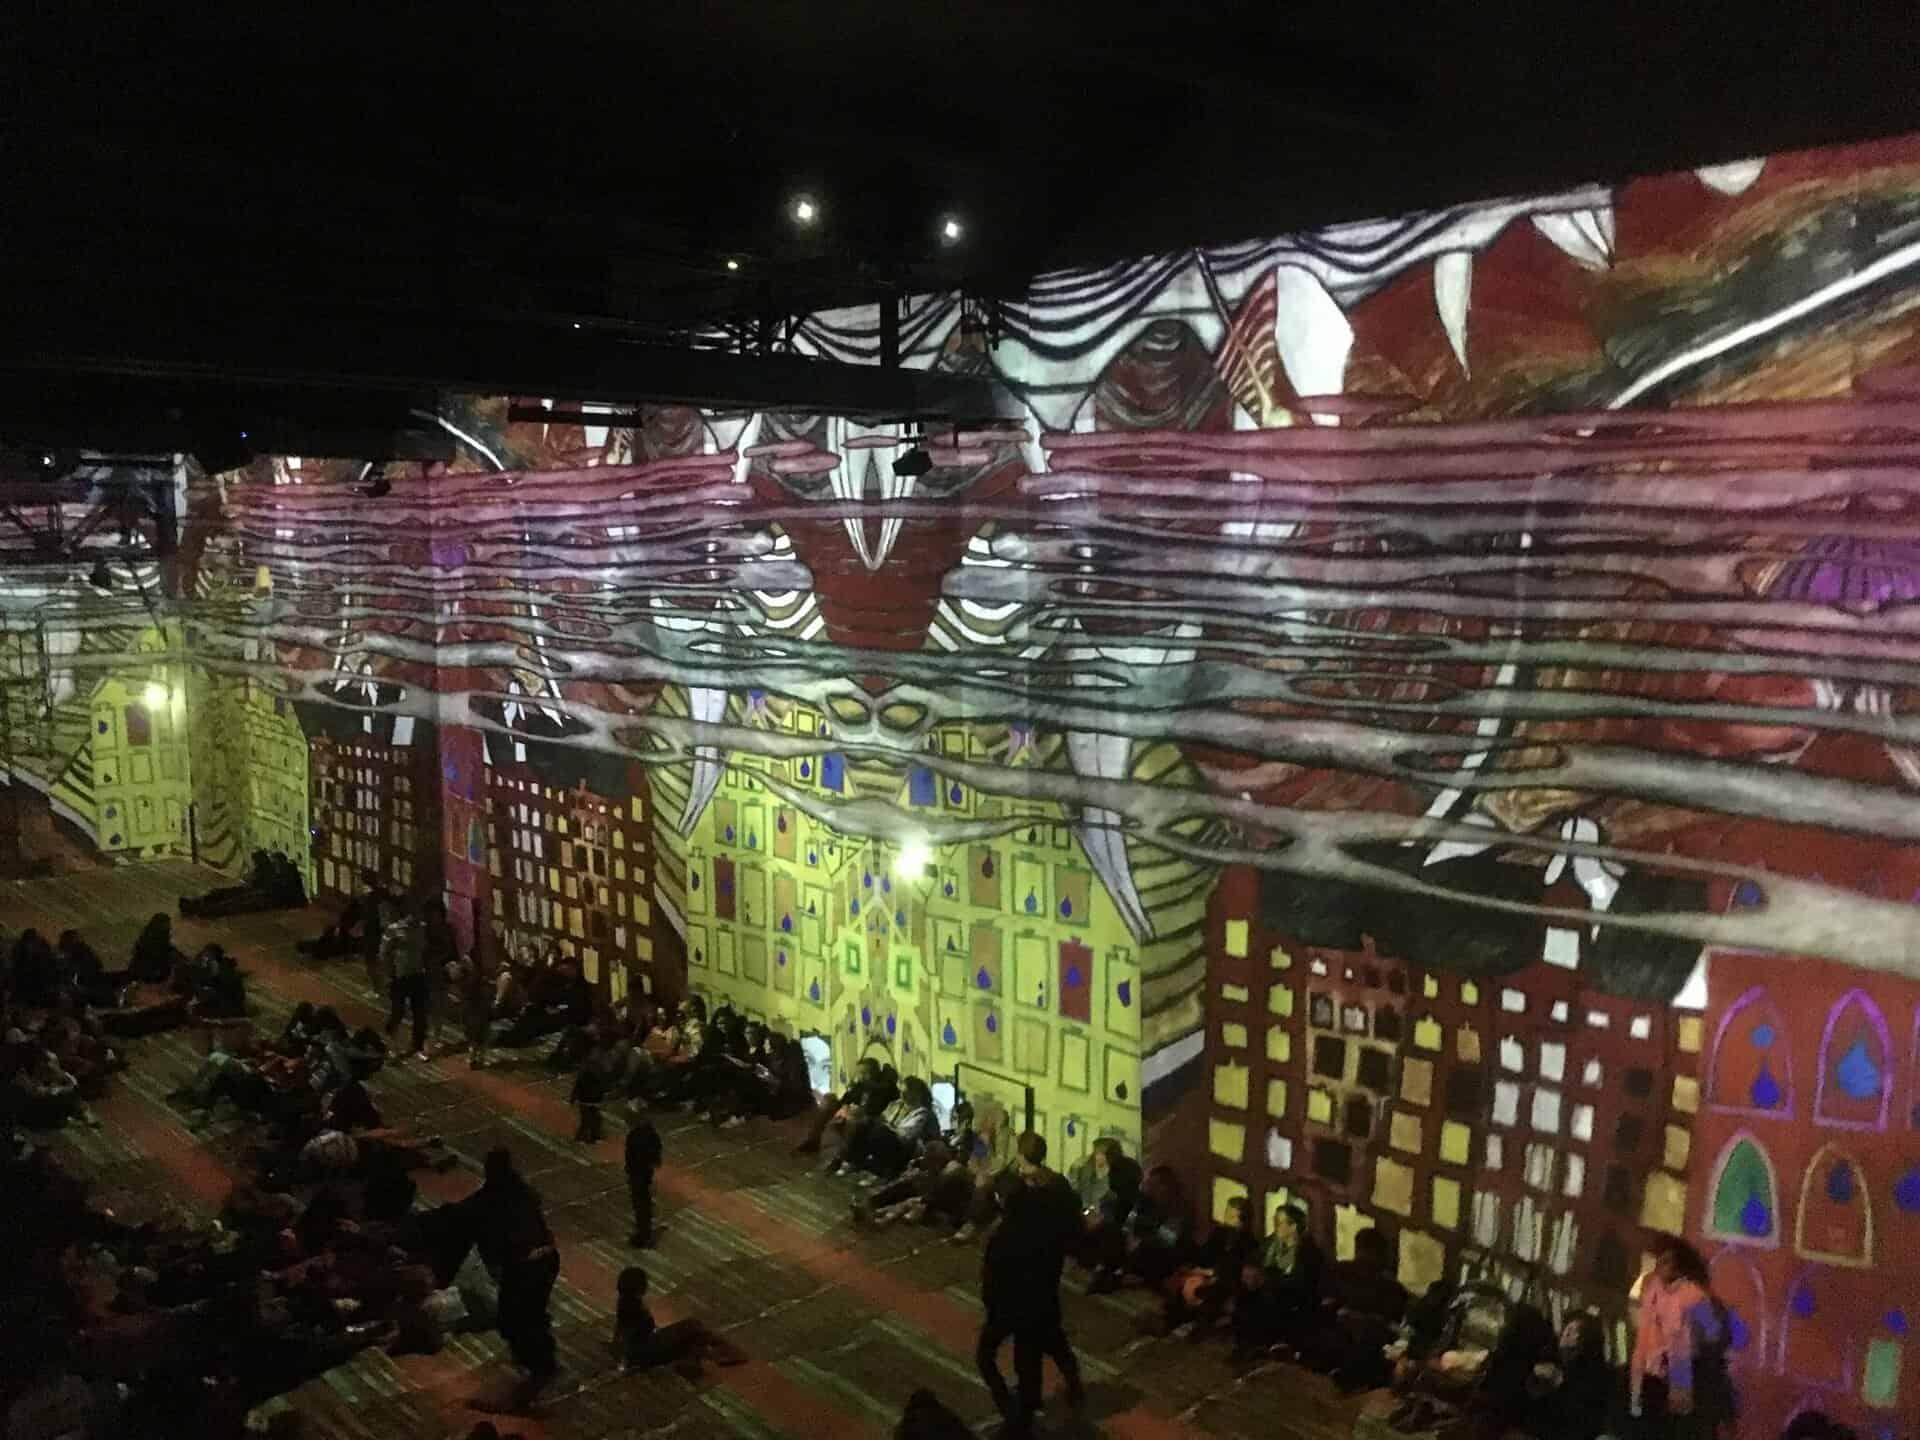 Atelier des lumières Hundertwasser